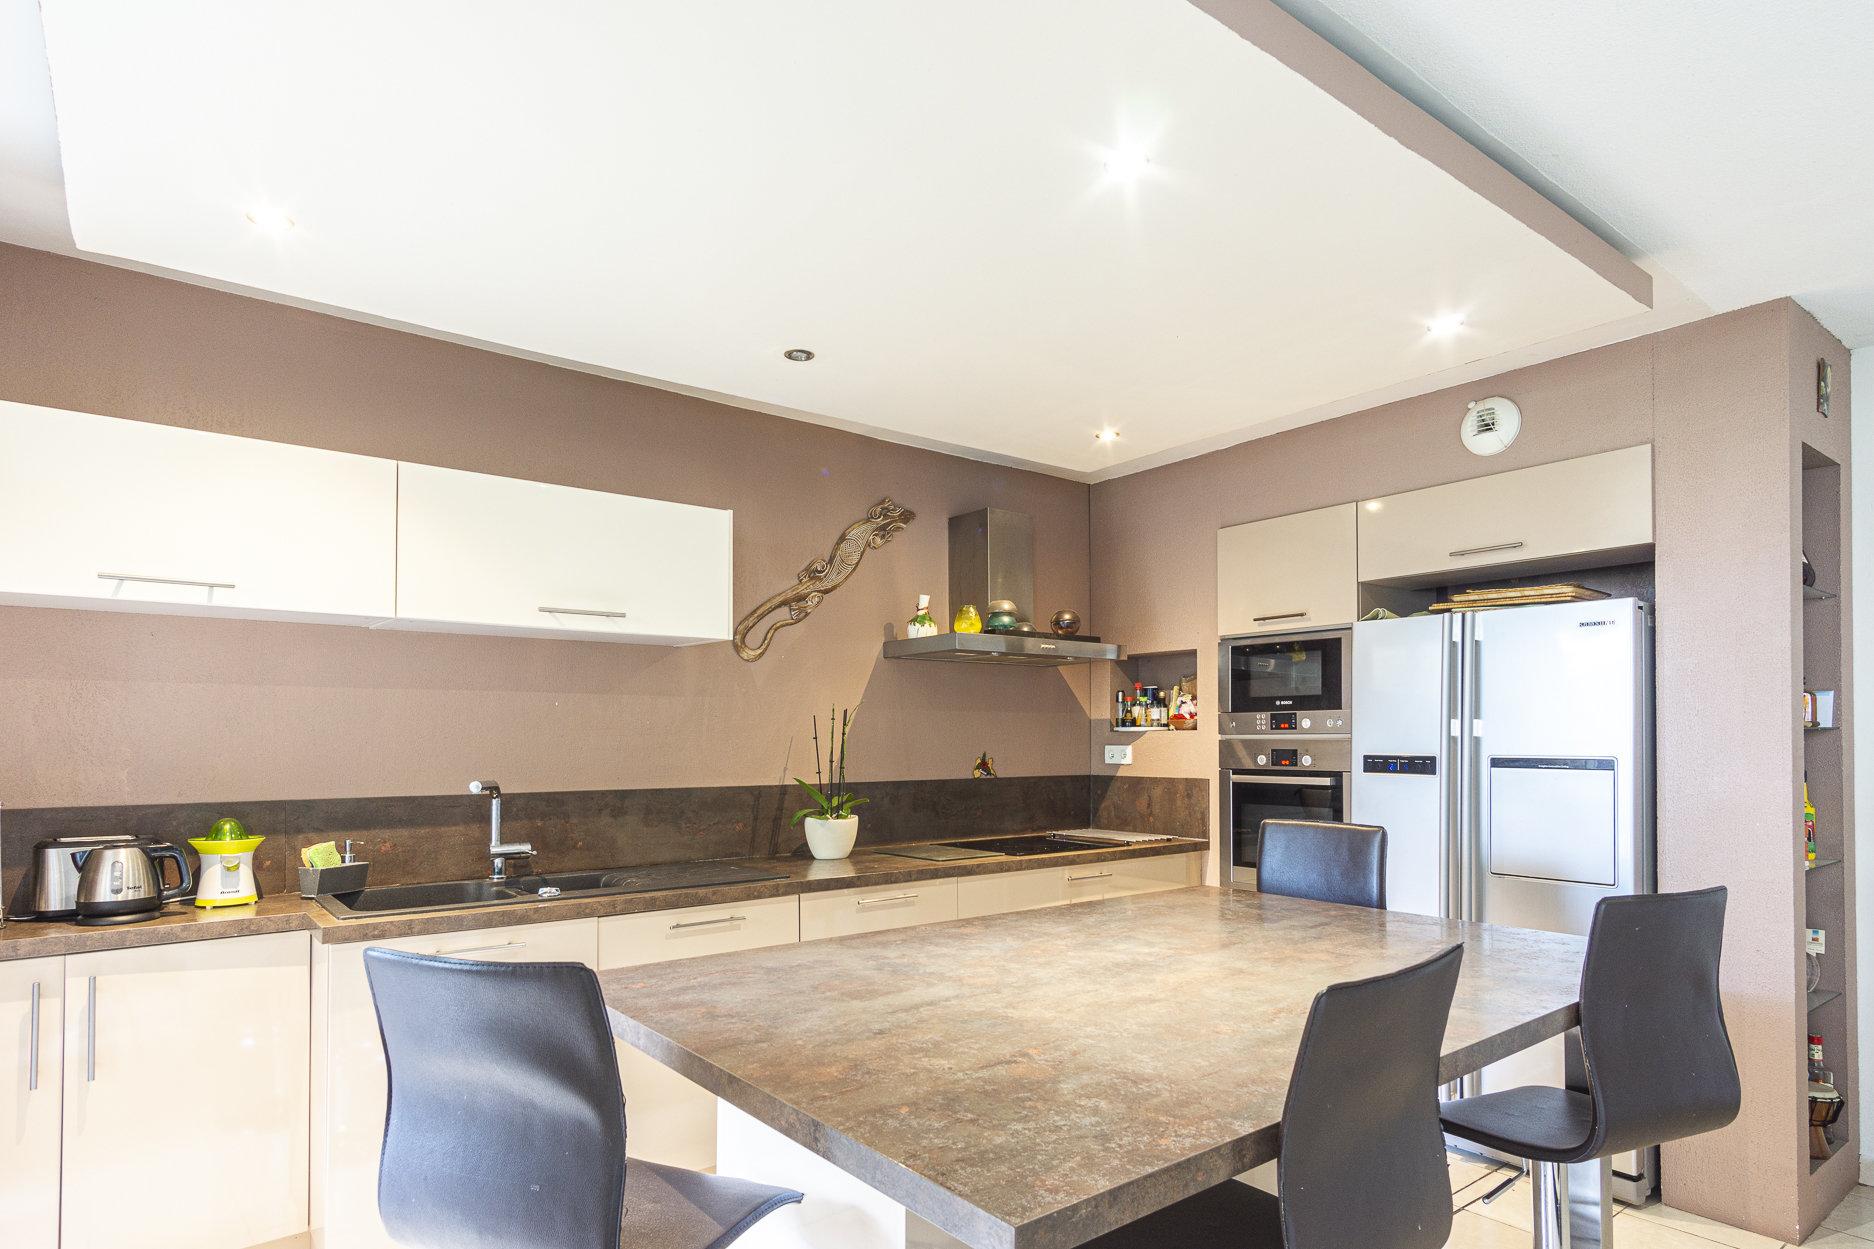 Kitchen bar, stainless steel